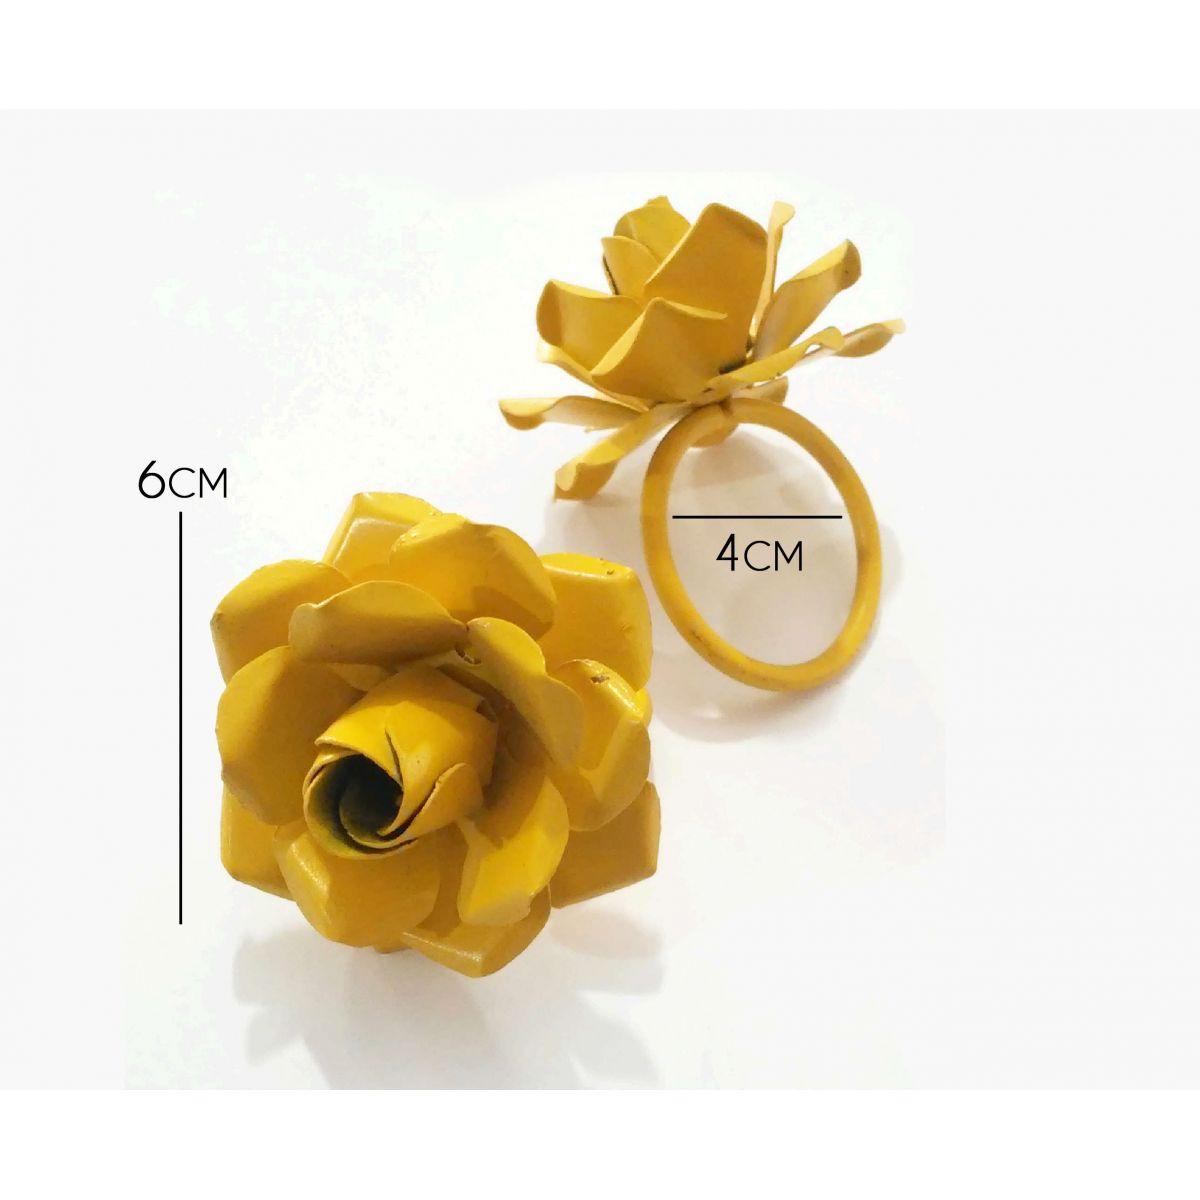 Porta Guardanapo Rústico com Flor de Ferro Artesanal Lembrança de Casamento